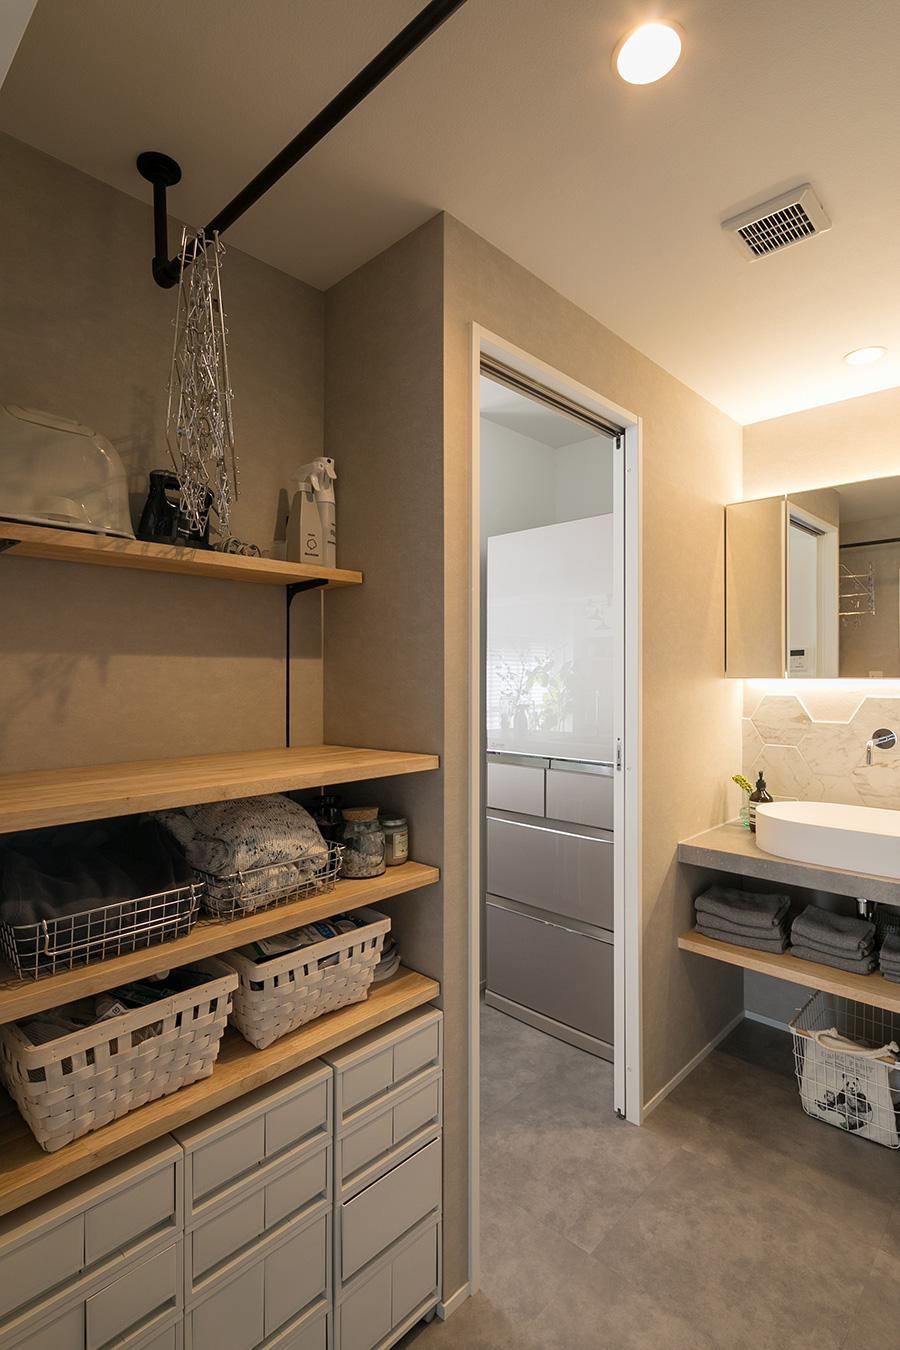 同じスペースにある洗濯機で洗ったものを、上のポールに干し、乾いたら左側の収納棚へ。ワンステップで家事ができるよう配置されている。